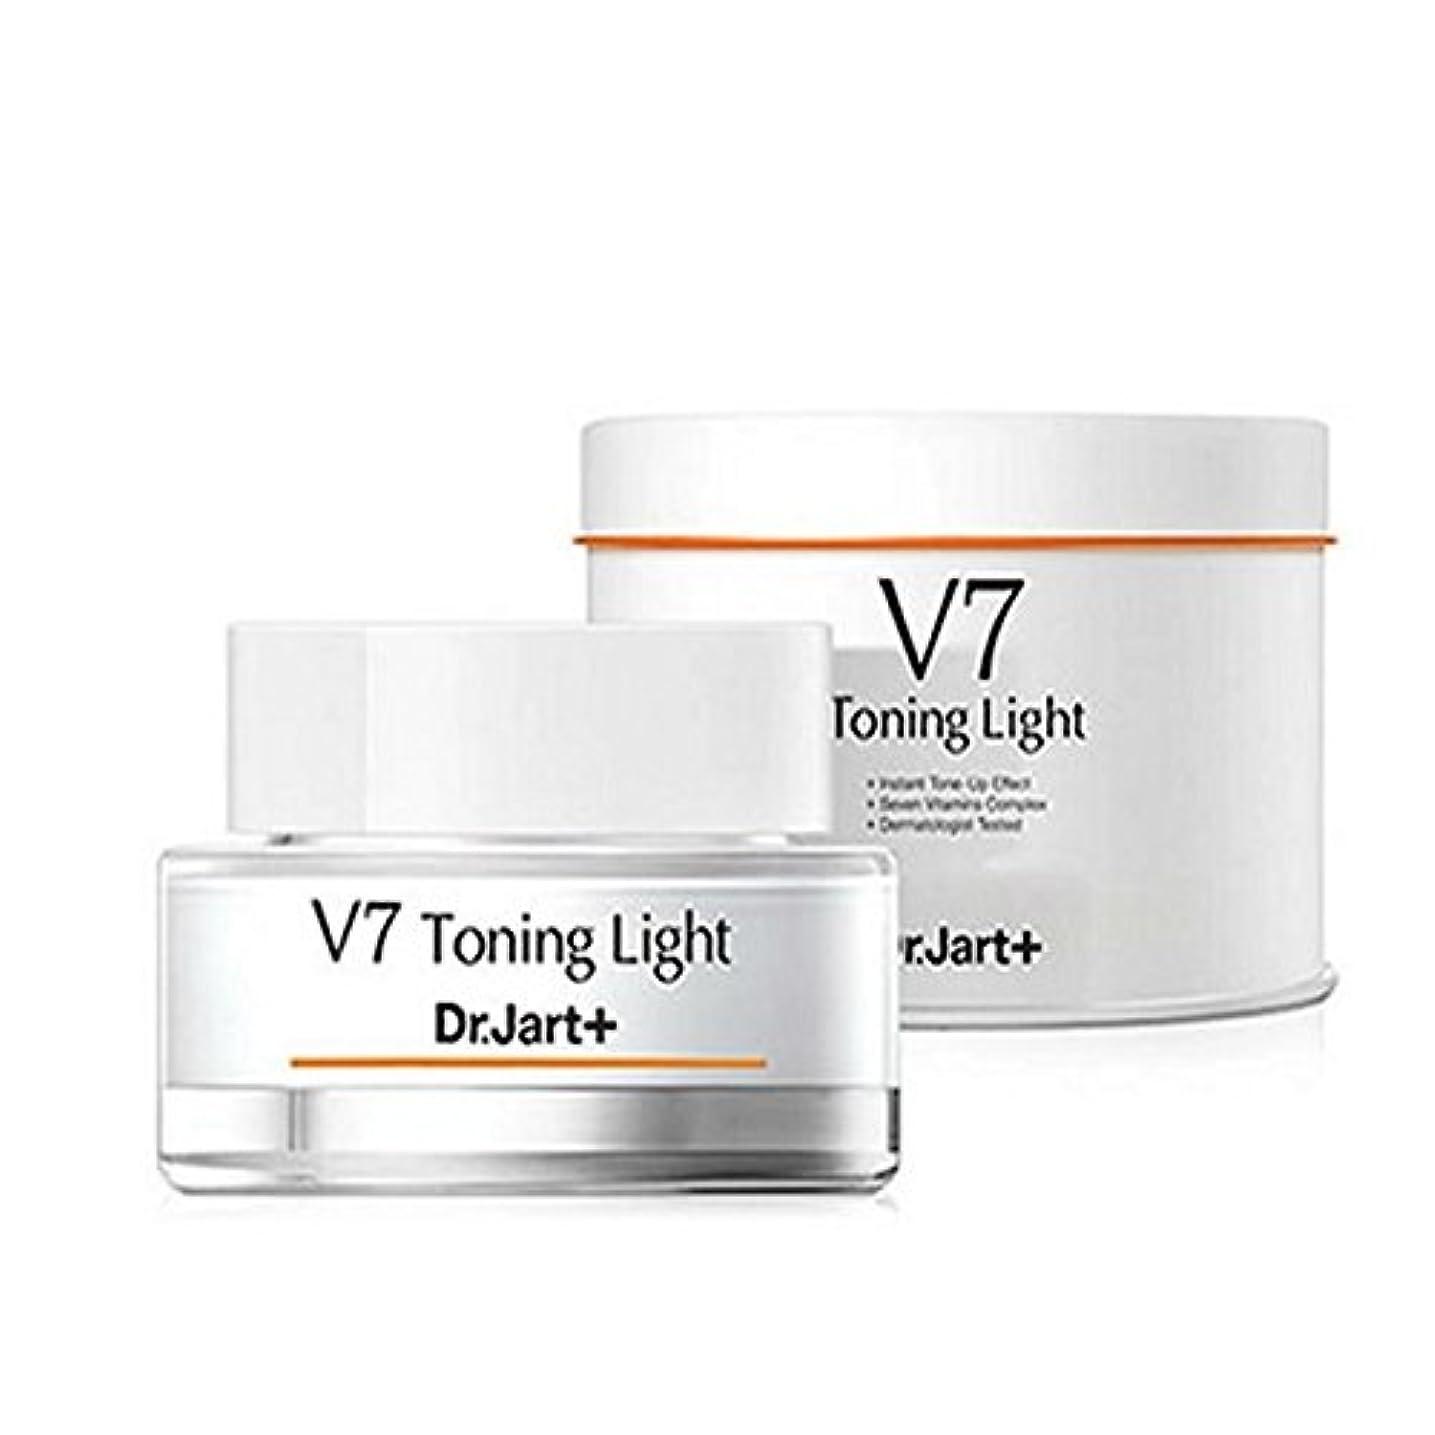 バケットハーフ流体Dr. Jart /ドクタージャルト V7 トーニングライト/V7 Toning Lihgt 50ml/100% Authentic direct from Korea [並行輸入品]